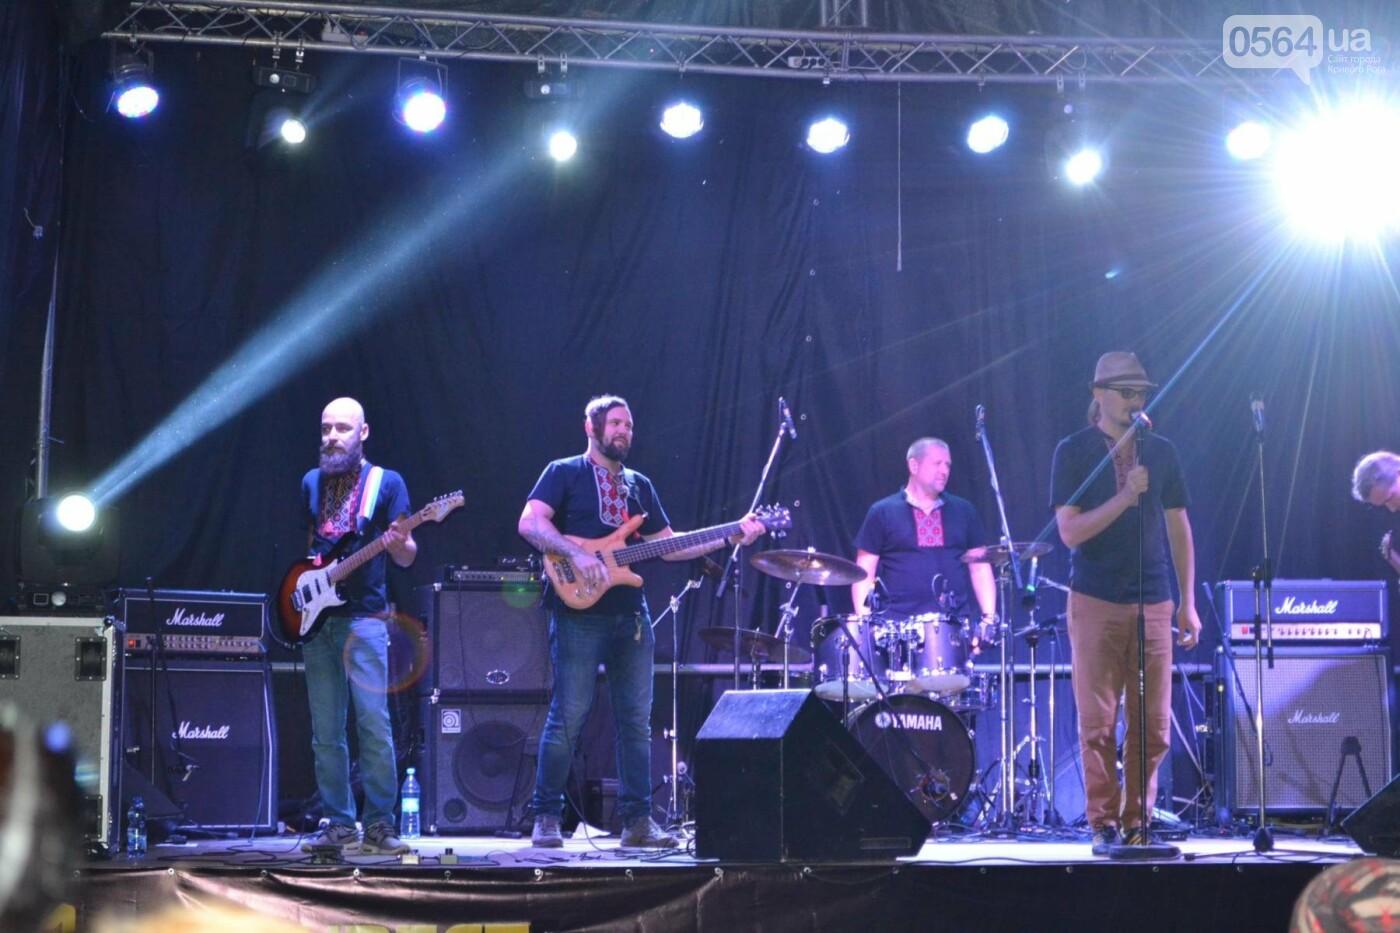 Подведение итогов, награждение победителей и выступление рок-групп, - чем завершился криворожский веломарафон, - ФОТО, ВИДЕО, фото-14